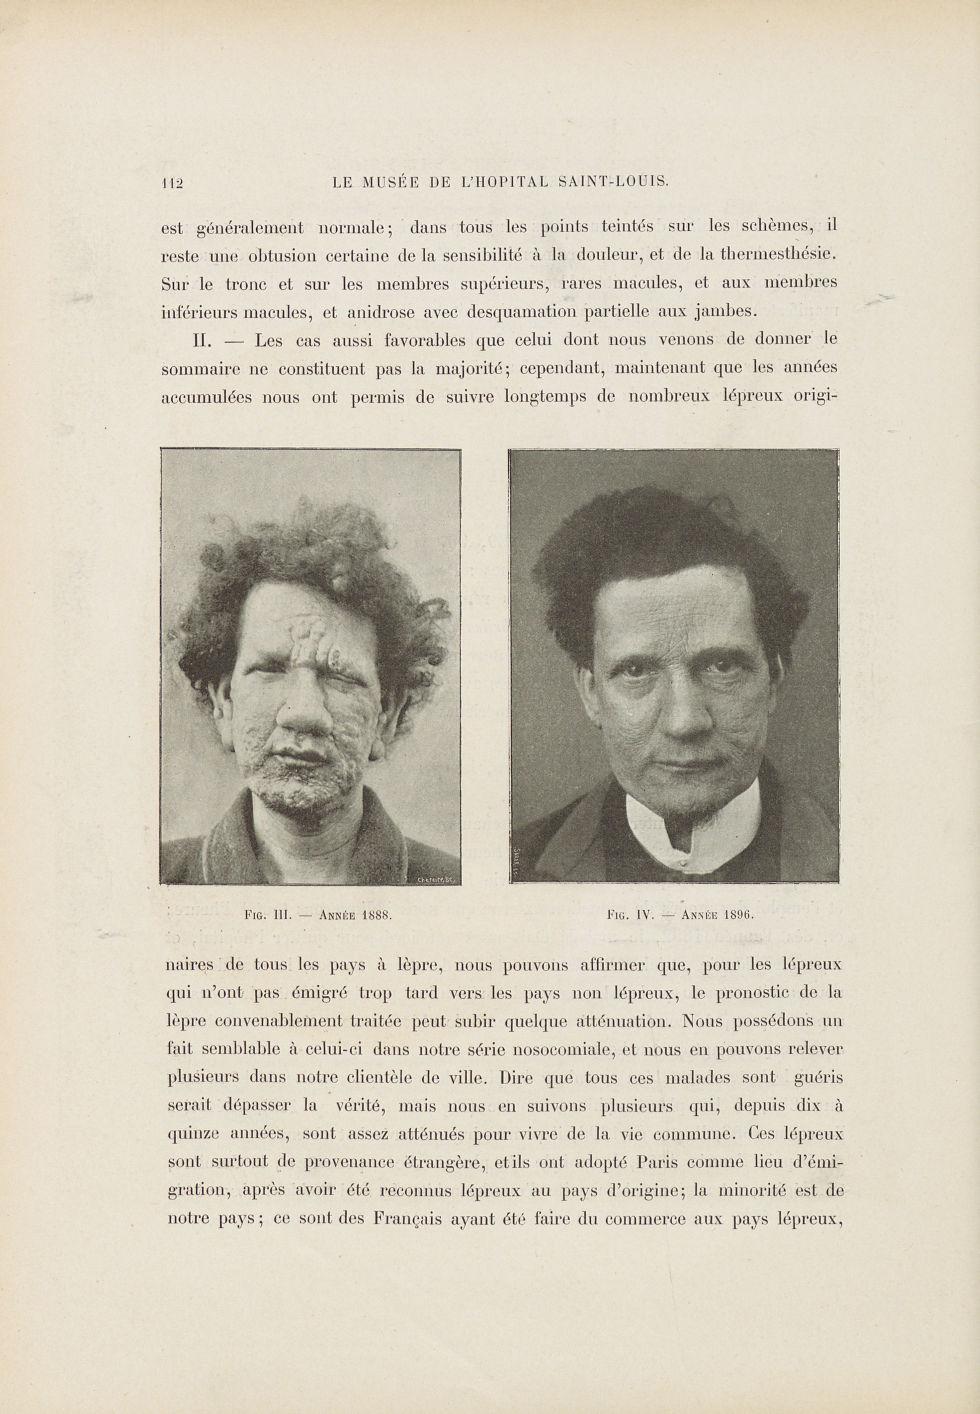 Fig. 3. Année 1888 / Fig. 4. Année 1896 - Le musée de l'hôpital Saint-Louis : iconographie des malad [...] - Dermatologie (peau). Lèpre. Pilosité. Cheveux. 19e siècle (France) - med01740x0134